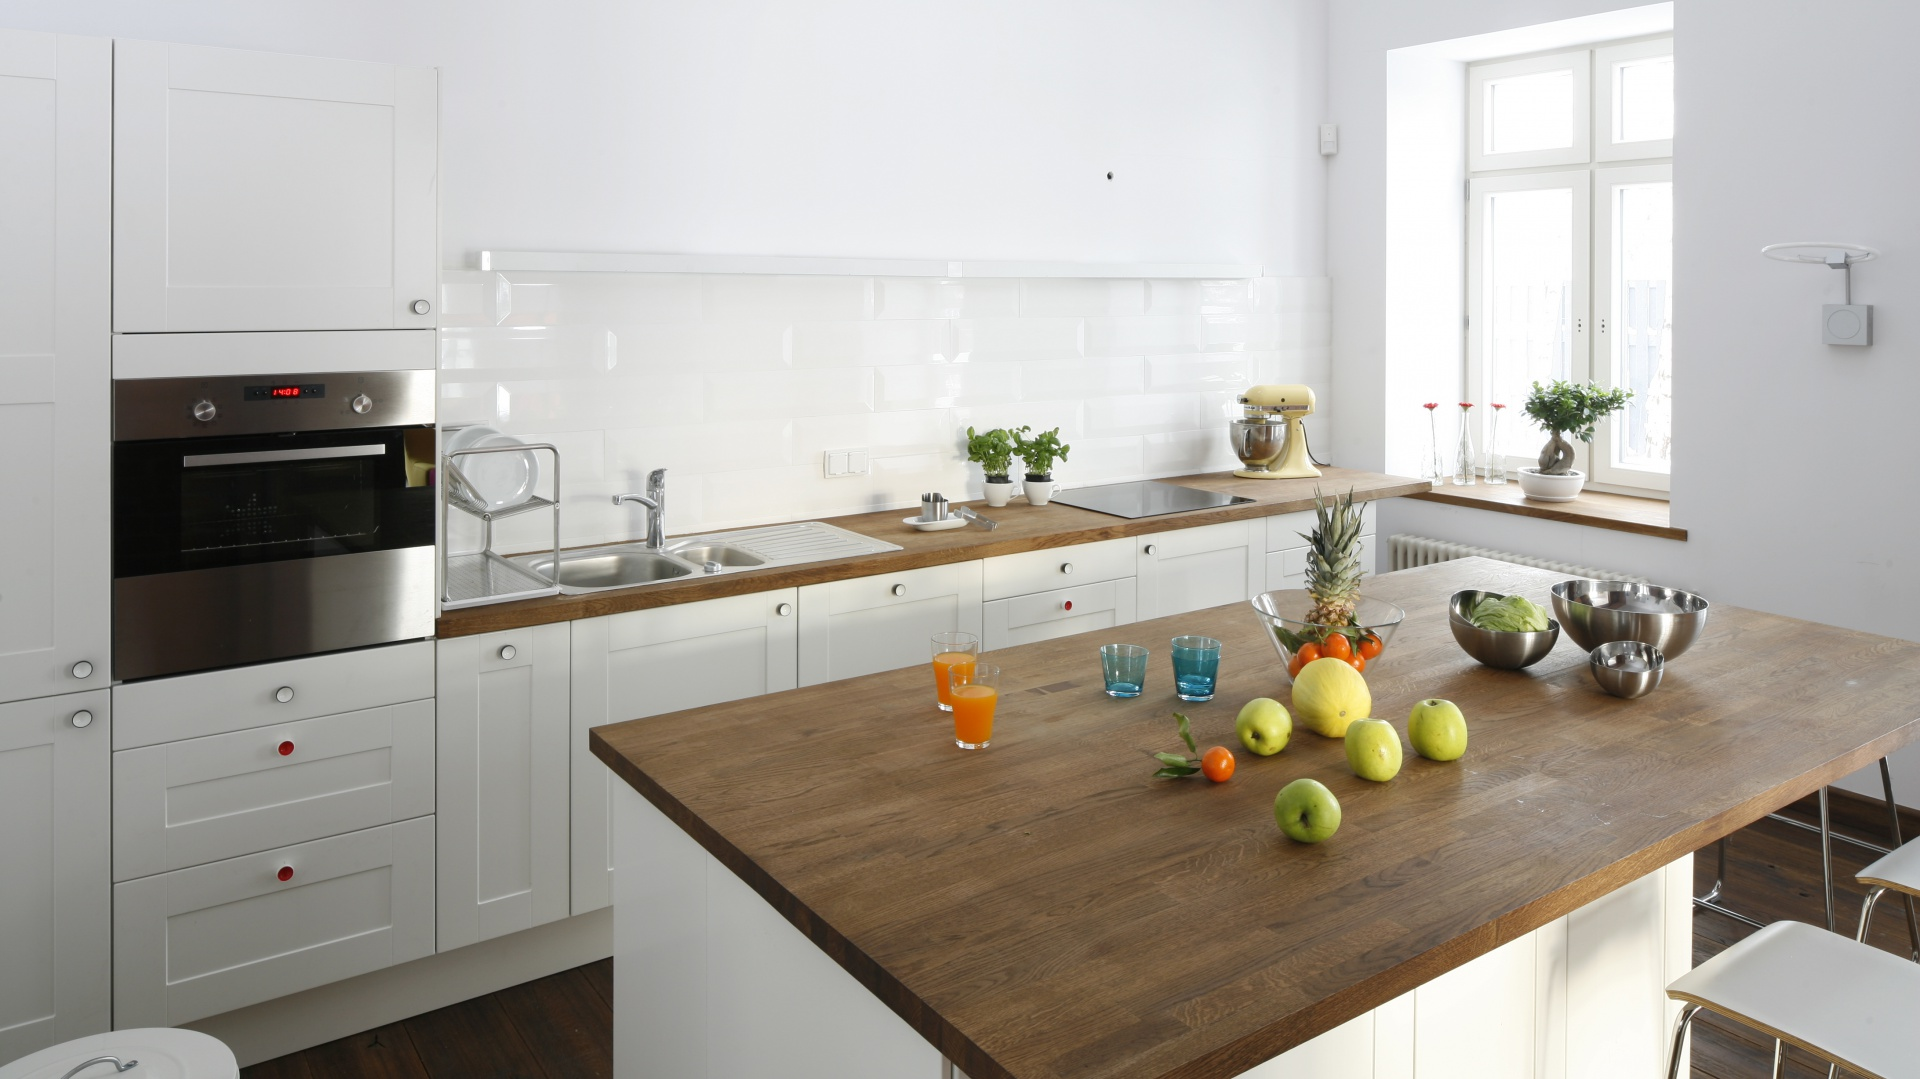 Modna kuchnia: pomysły na strefę zmywania. Projekt: Konrad Grodziński. Fot. Bartosz Jarosz